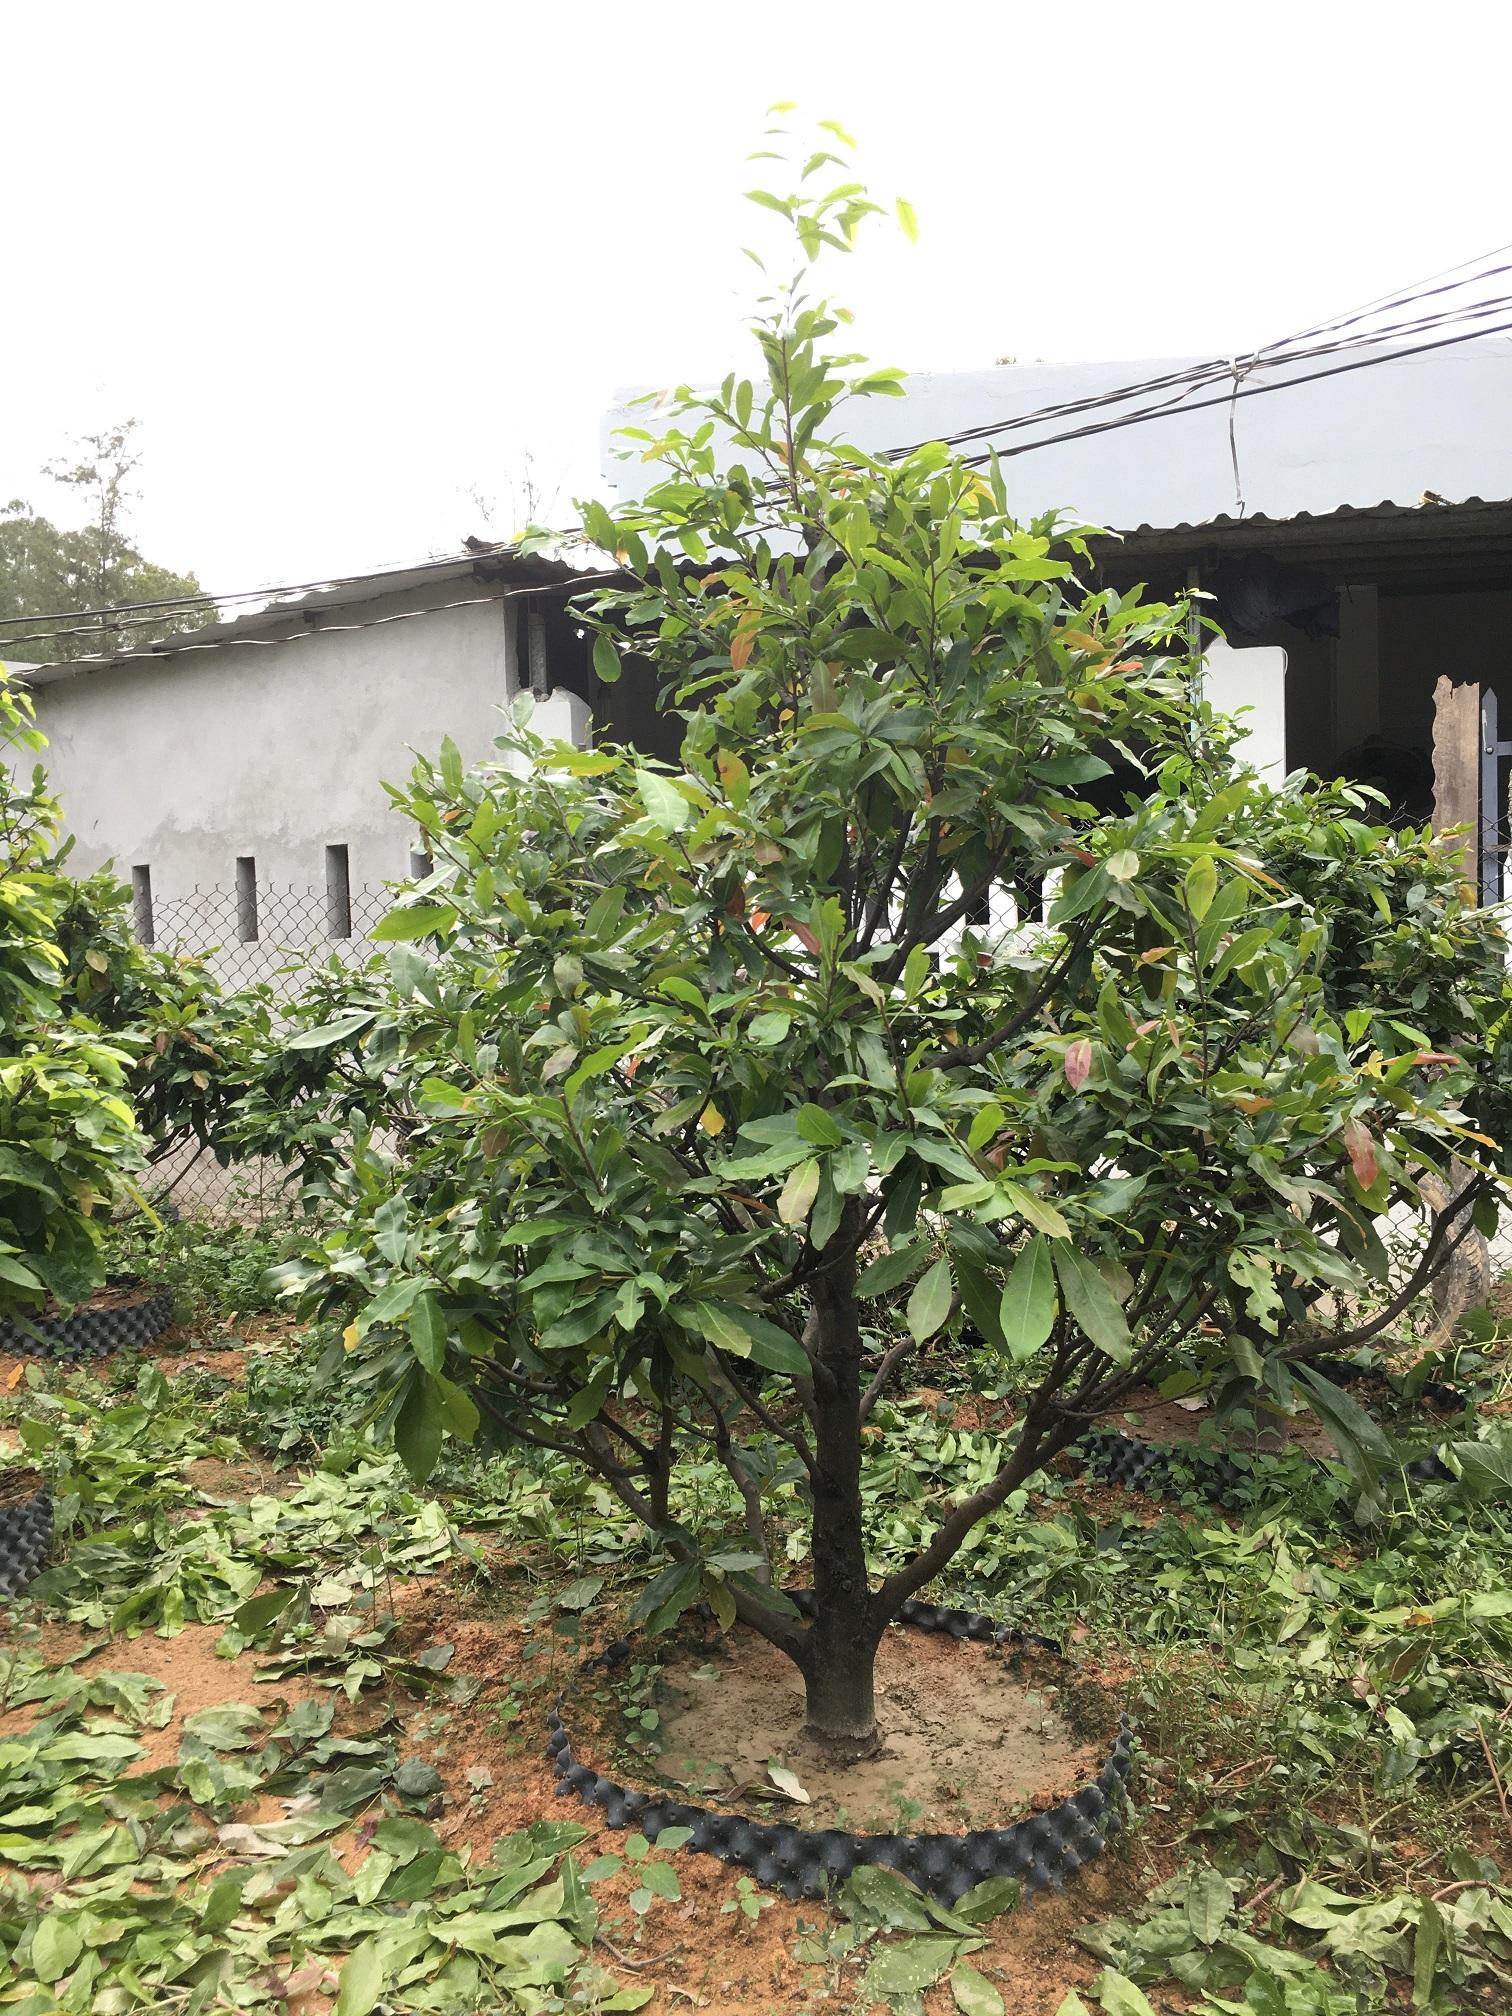 Mai giảo được trồng tại An Tịnh Viên